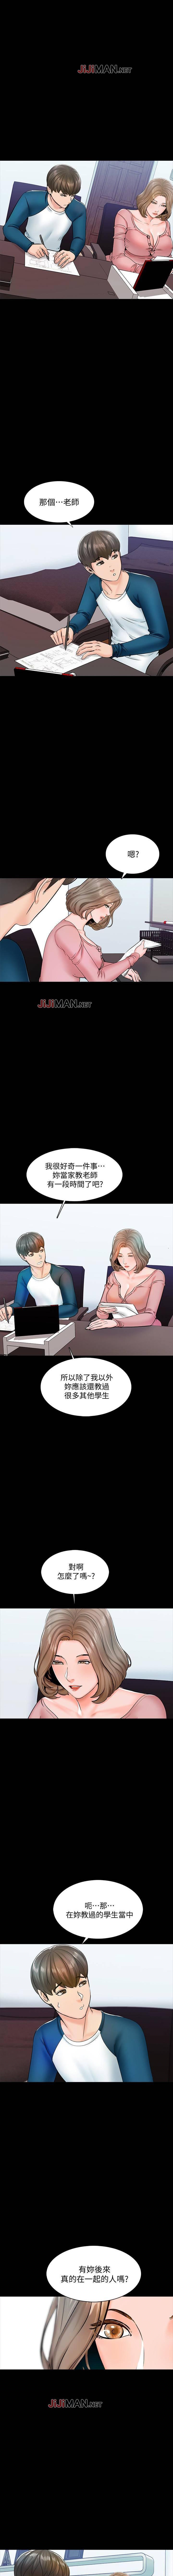 【周一连载】家教老师(作者: CreamMedia) 第1~43话 97